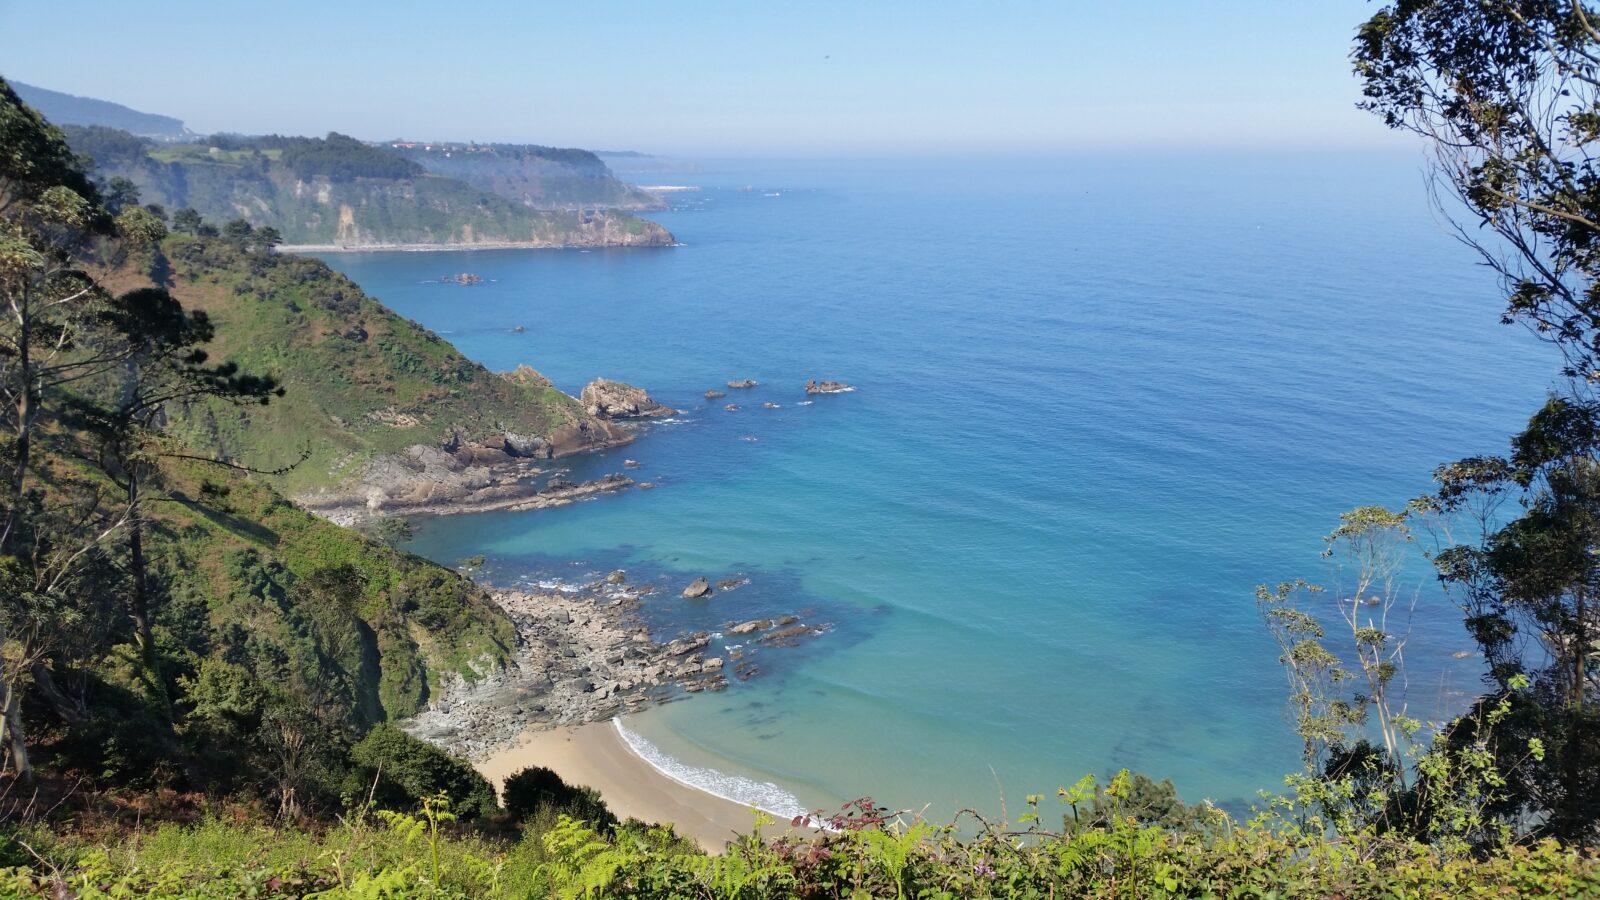 береговая линия Ла Коста Кантабрика